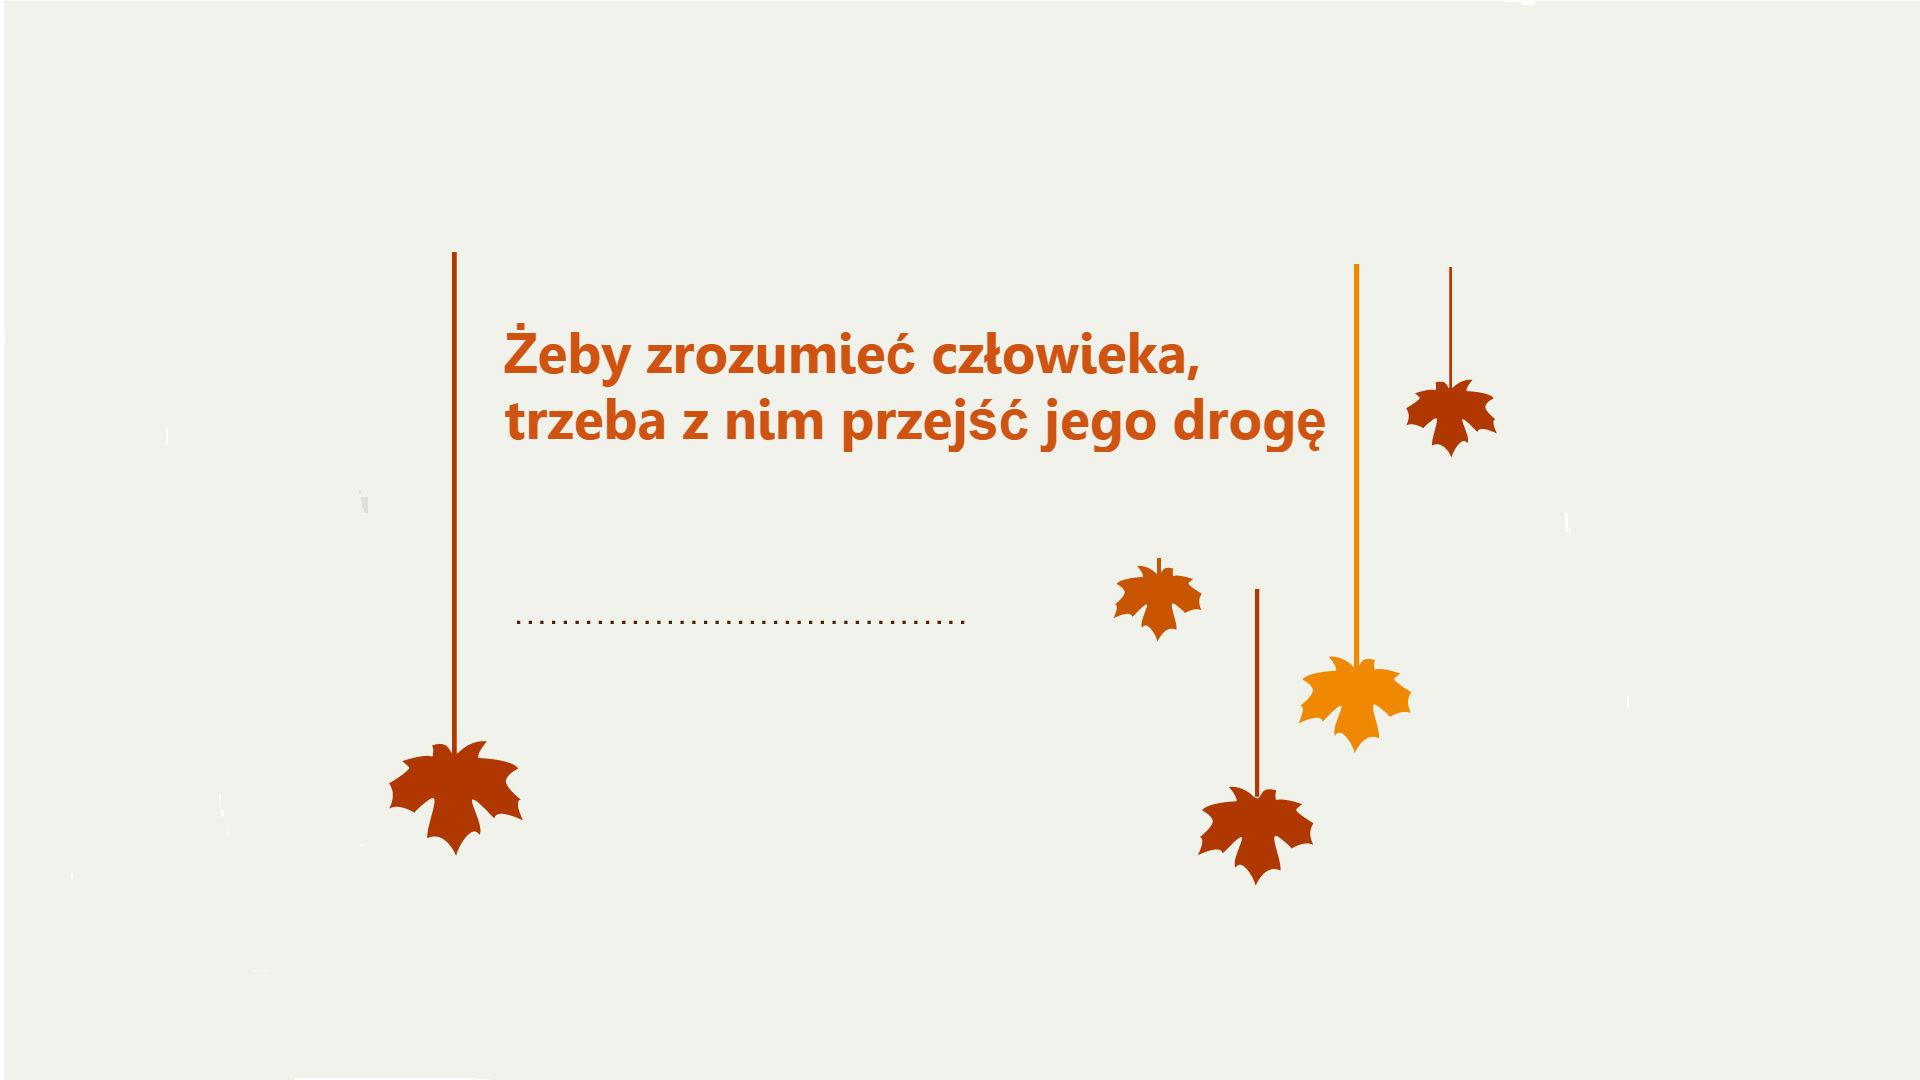 Wiersz Język Polski